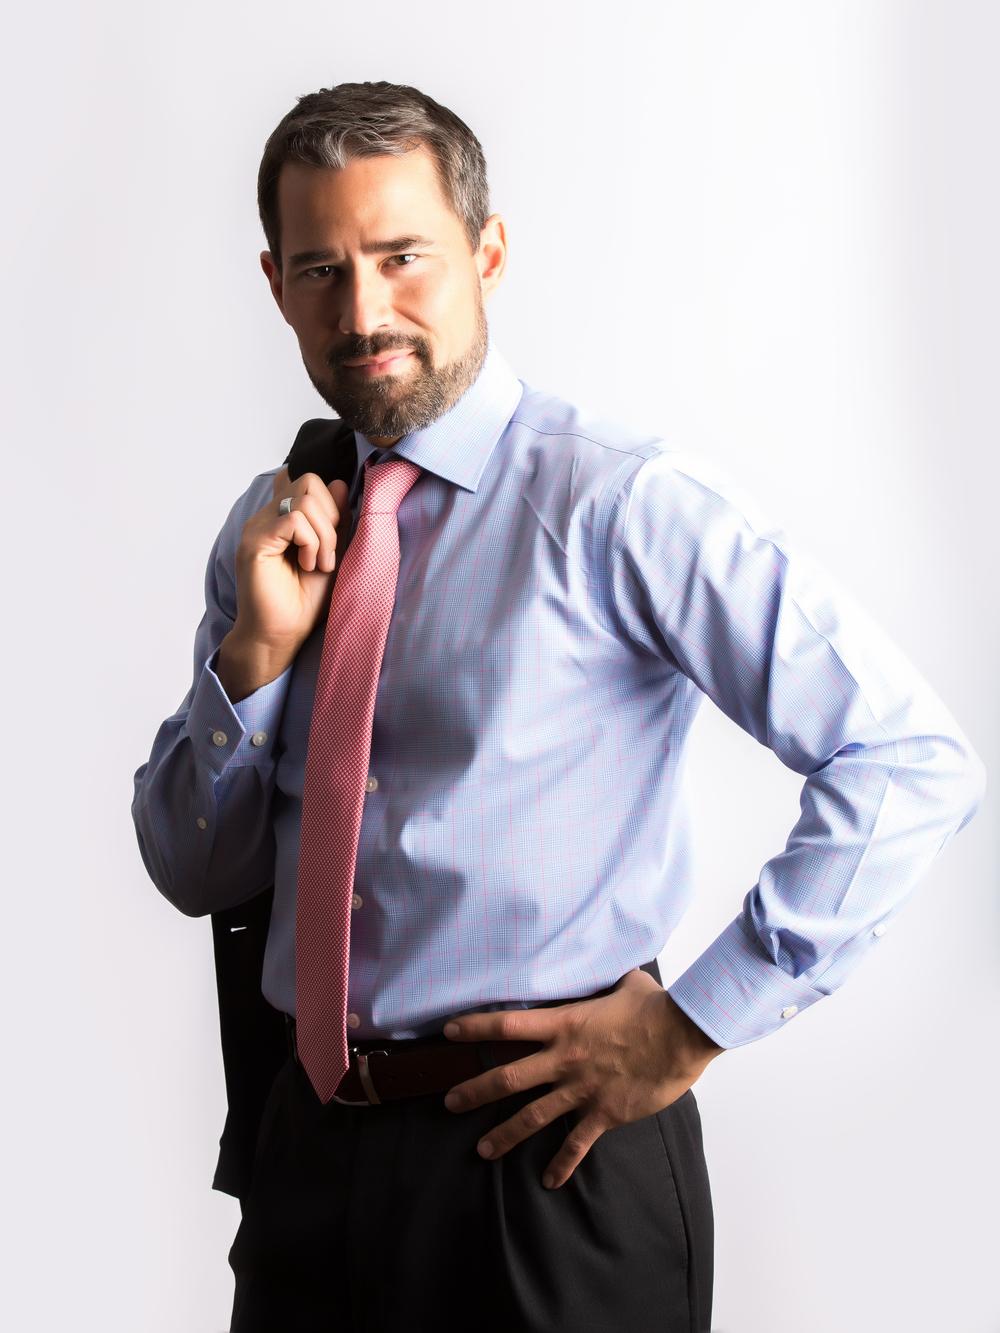 Nathan Opatz, Broker/Owner